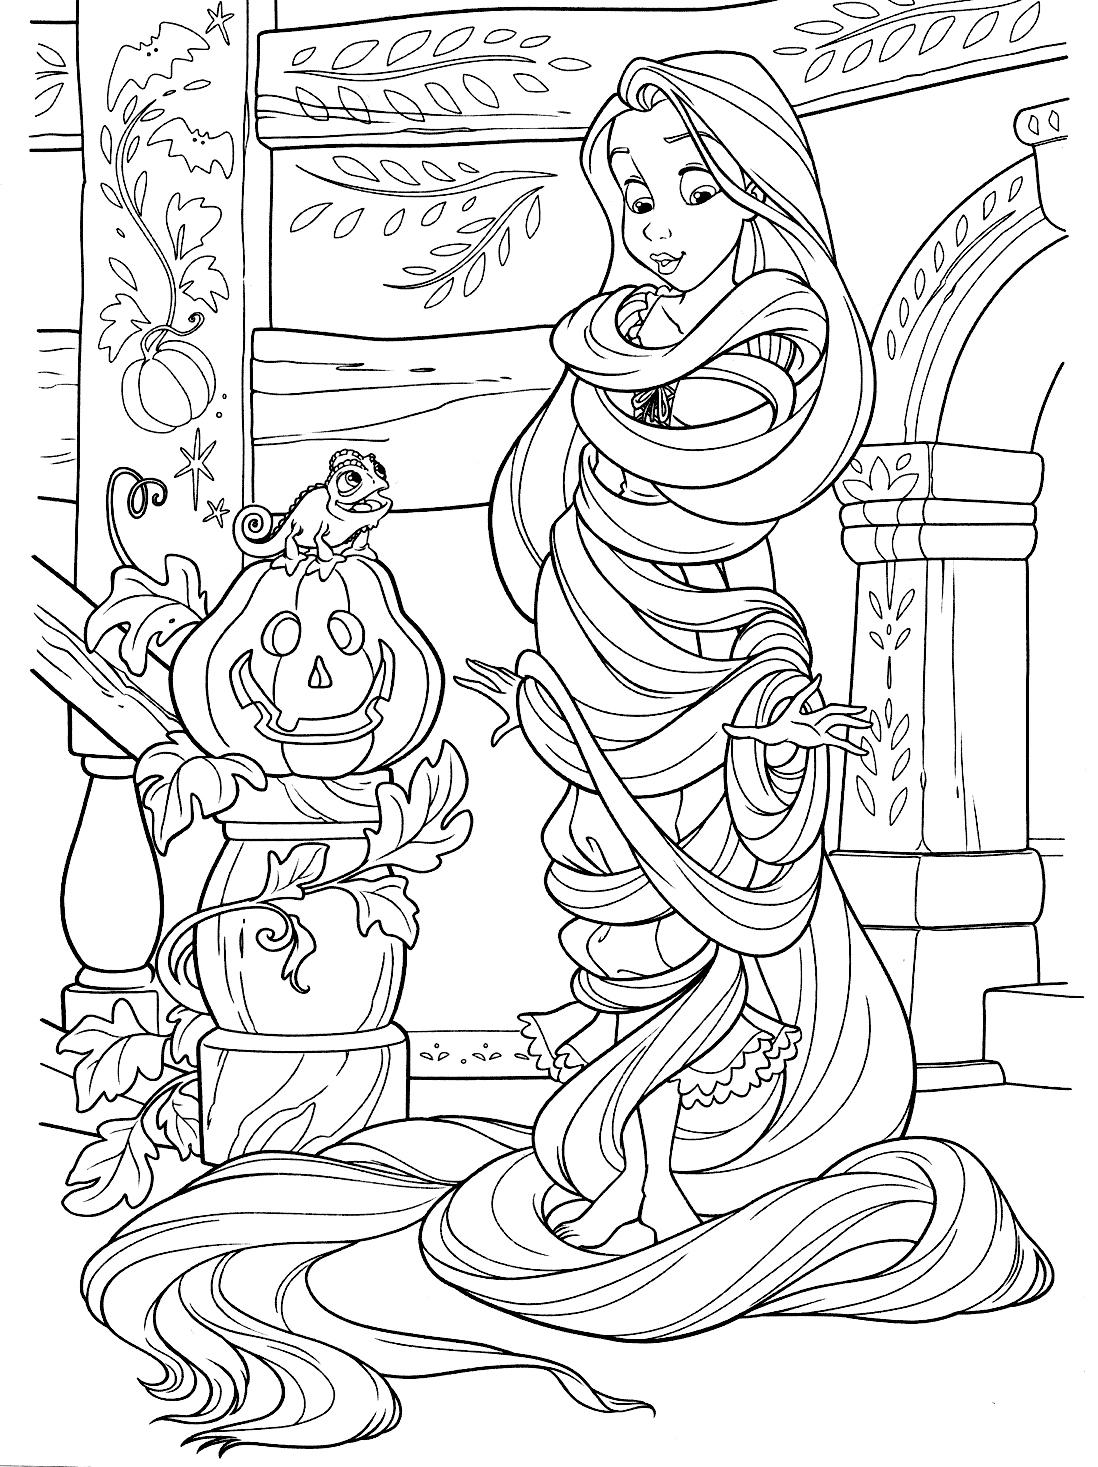 Раскраска с Рапунцель на Хэллоуин - Раскраски Рапунцель ...